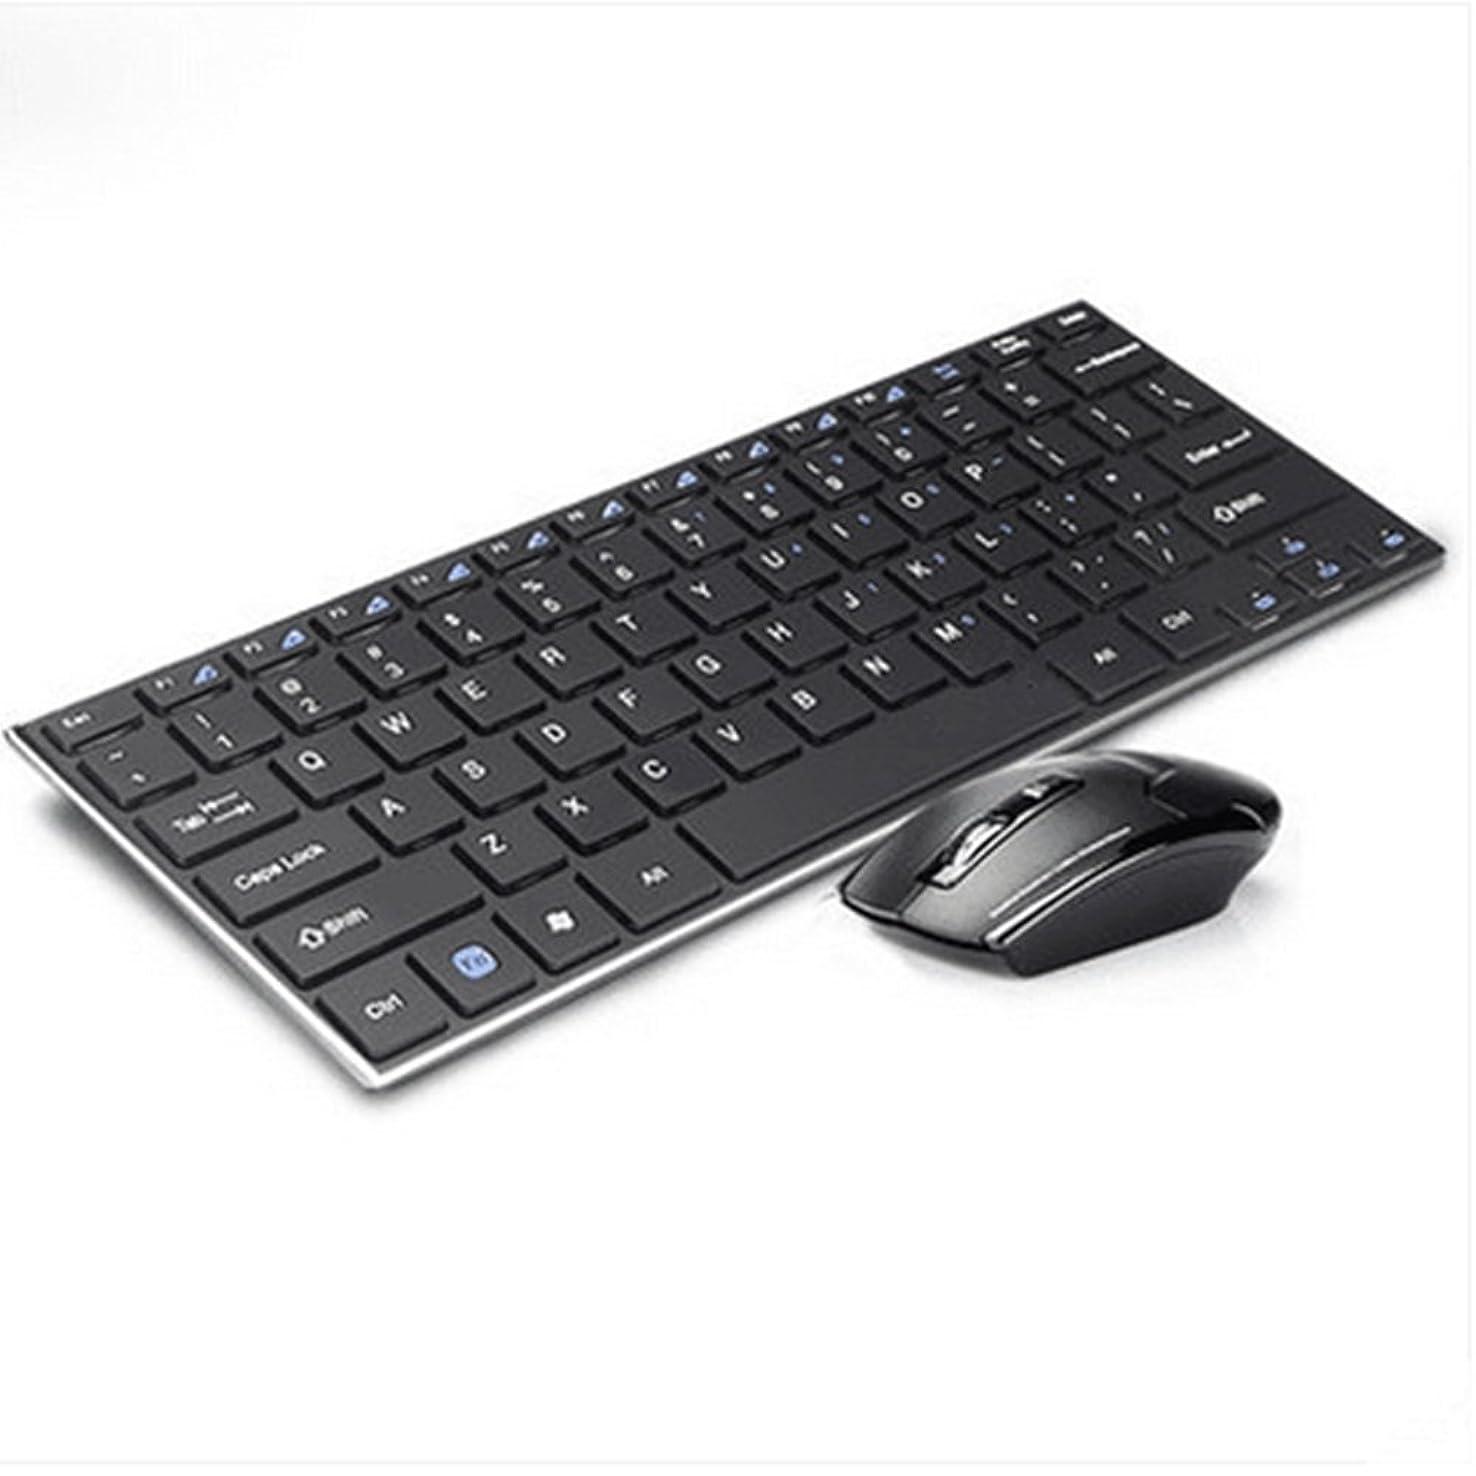 好戦的なチート窓を洗うミニワイヤレスキーボード+マウスセットアルミ合金薄型デスクトップノートブックUSBインターフェイス防水キーボード、バッテリーなし,Black